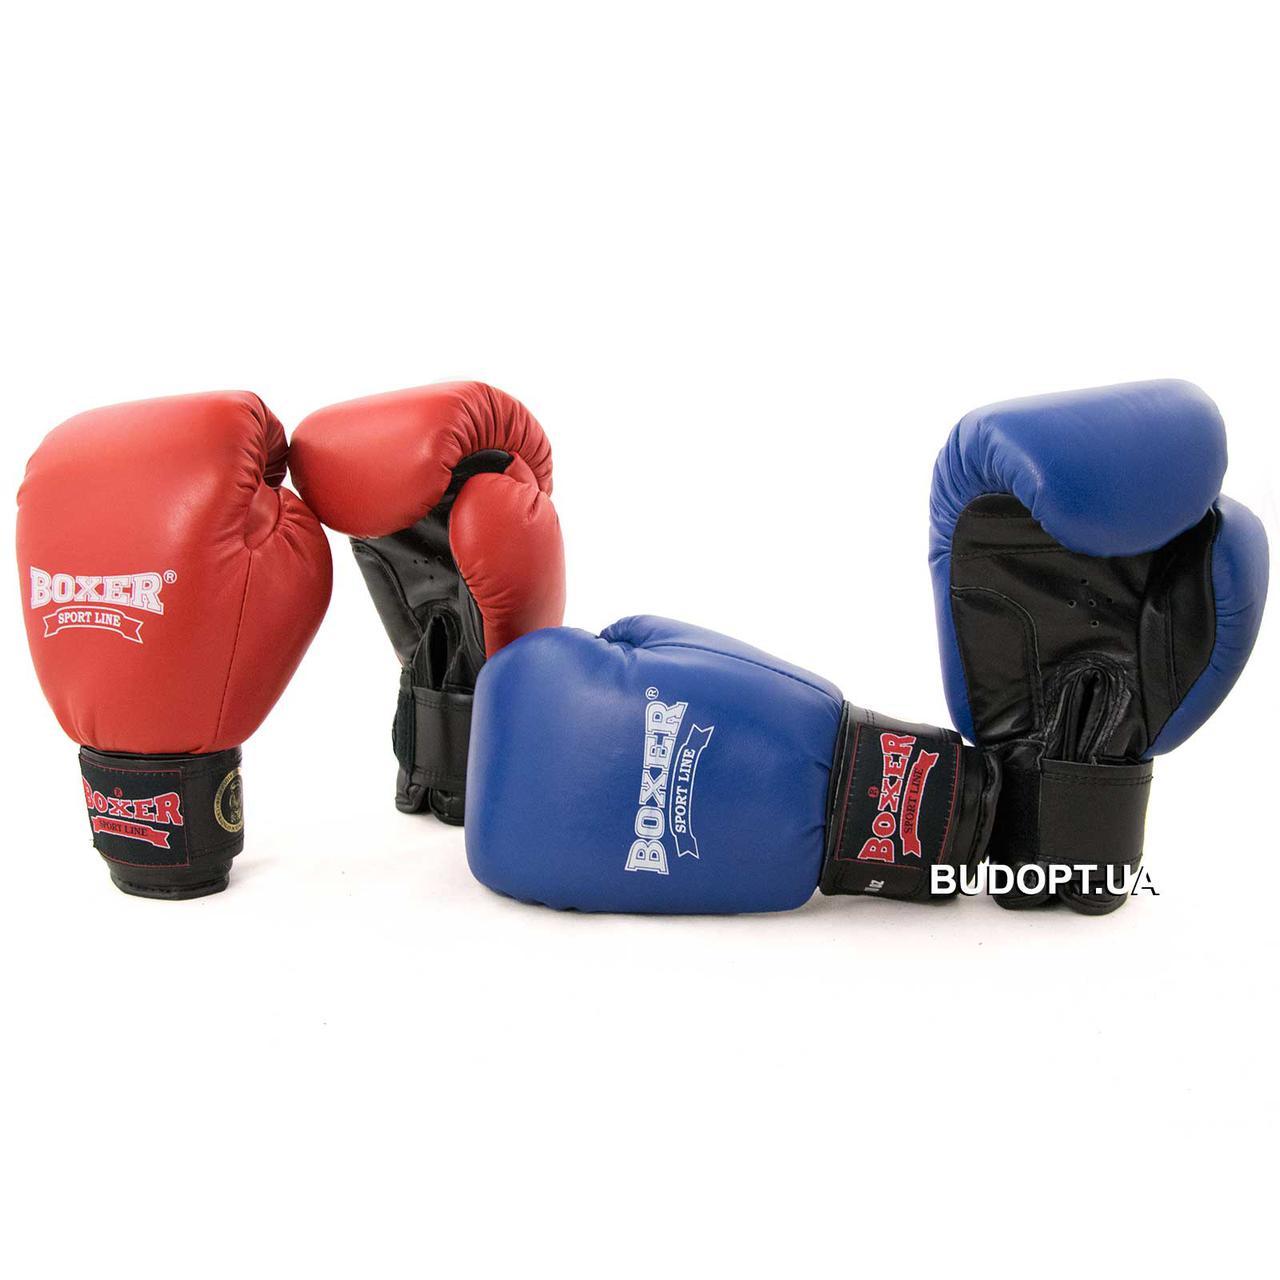 Боксерские перчатки кожаные с печатью ФБУ Boxer Profi 10 унций (bx-0040) - СпортОпт - Спорттовары оптом в Киеве